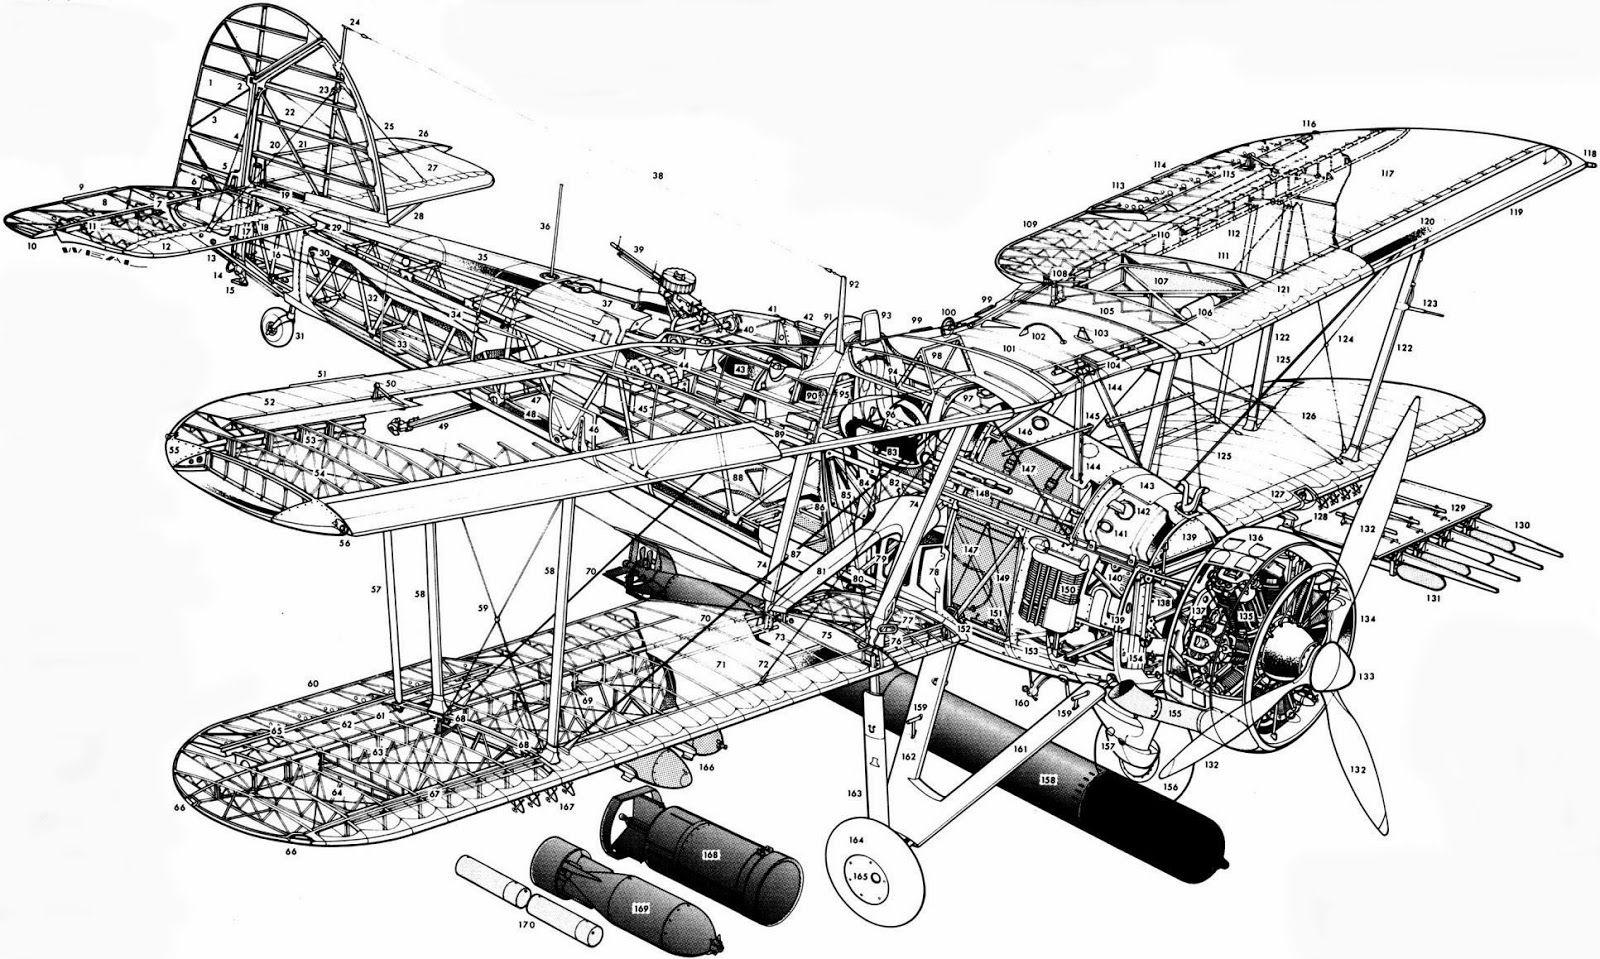 Fairey Swordfish Mk Ii 2